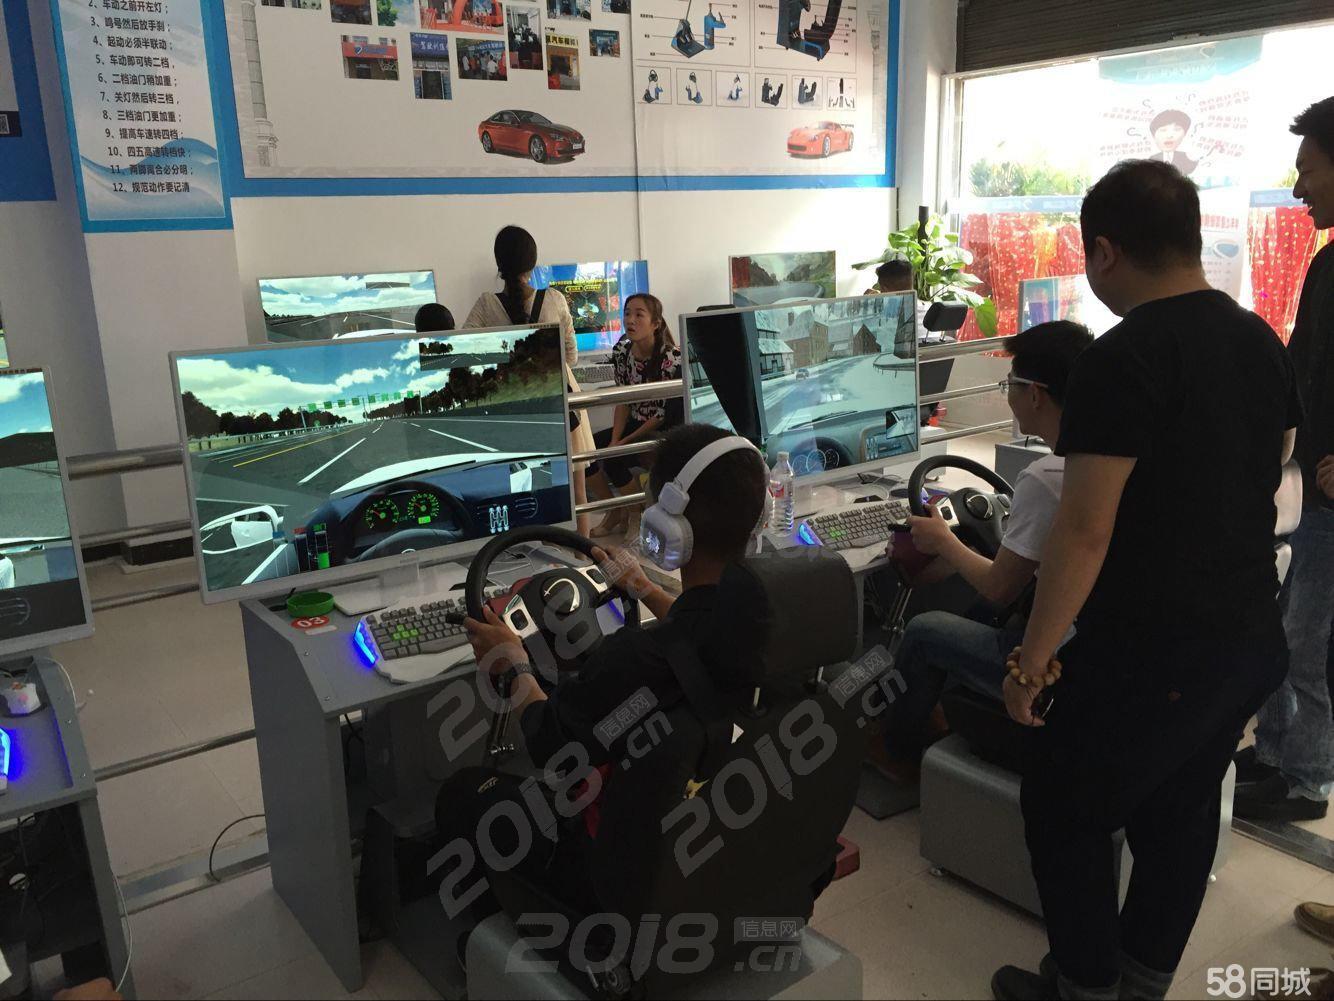 宝鸡特色创新项目 学车之星汽车驾驶模拟器加盟